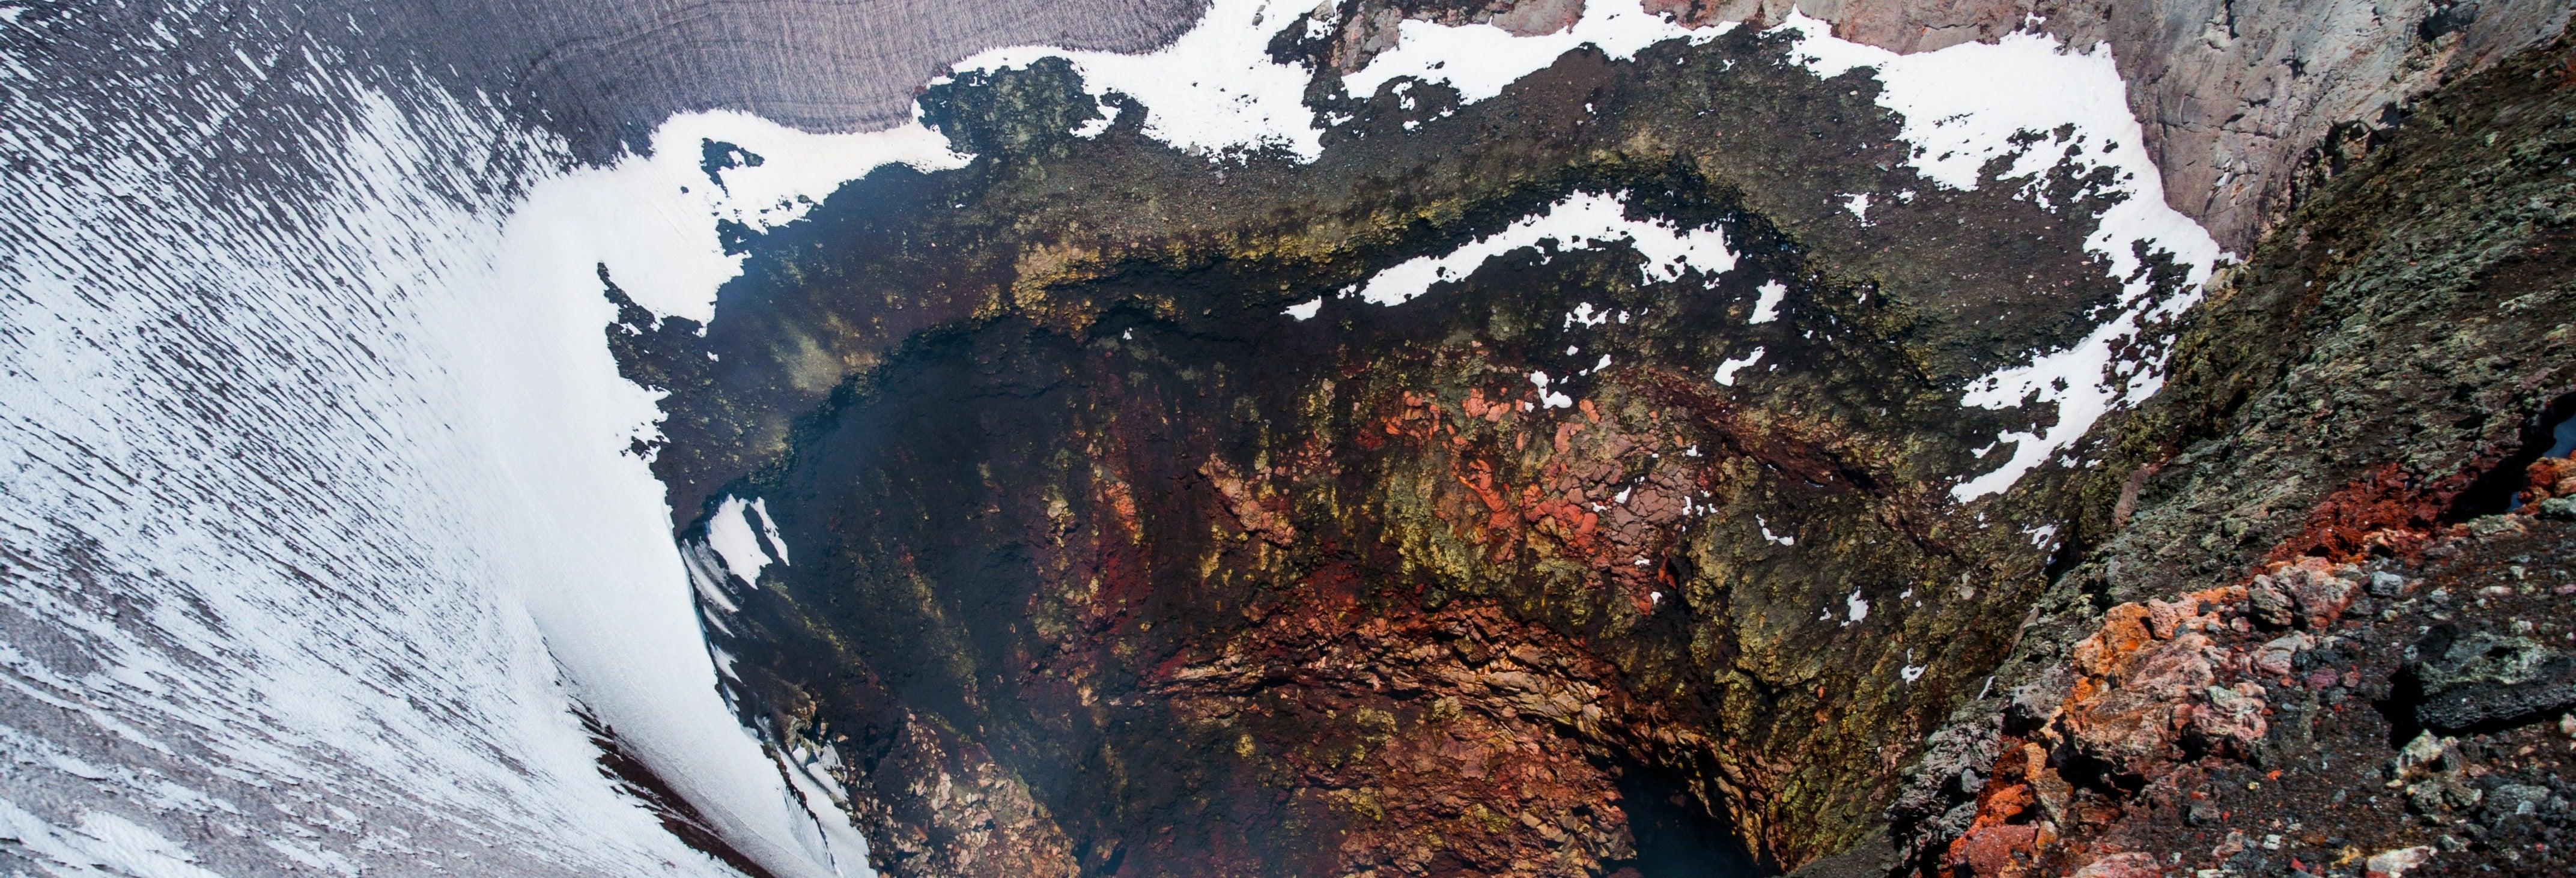 Passeio de helicóptero por Pucón e vulcão Villarrica